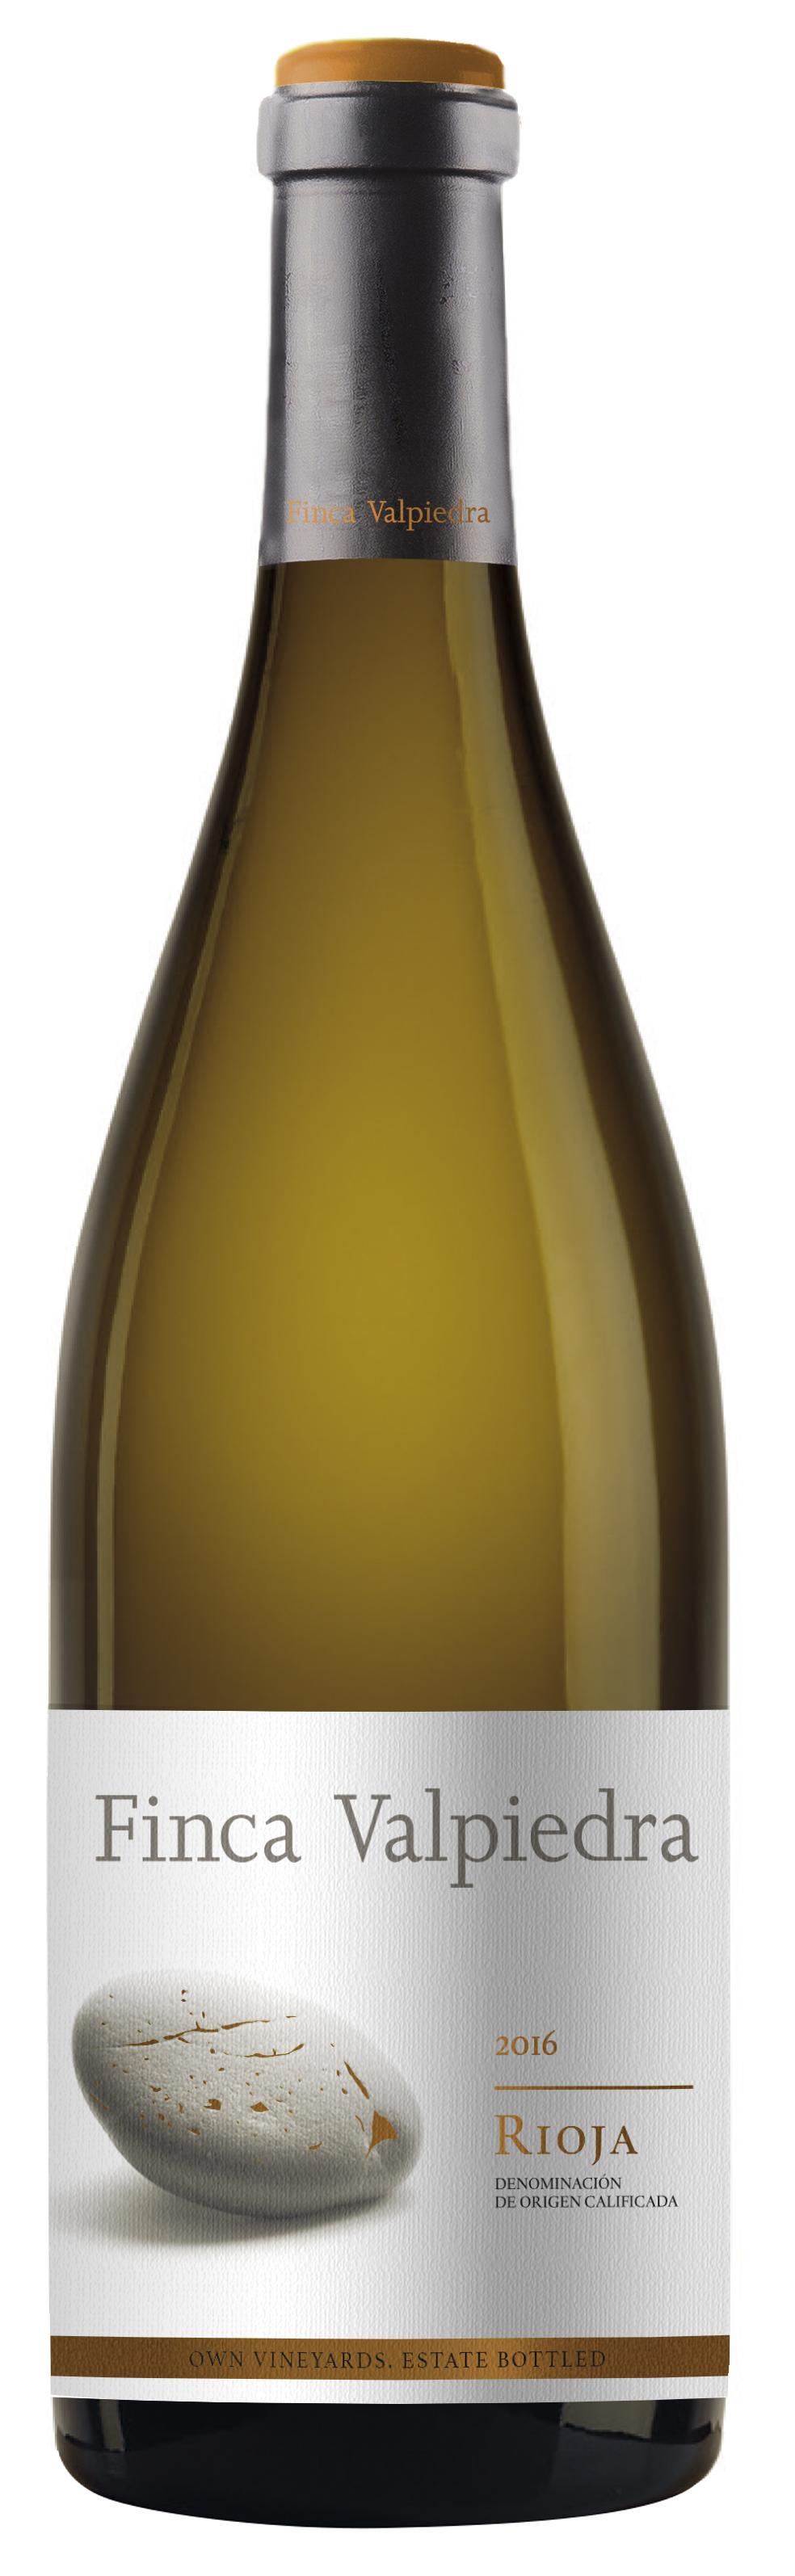 Finca Valpiedra Reserva Blanco 2016, un nuevo y especial vino de guarda